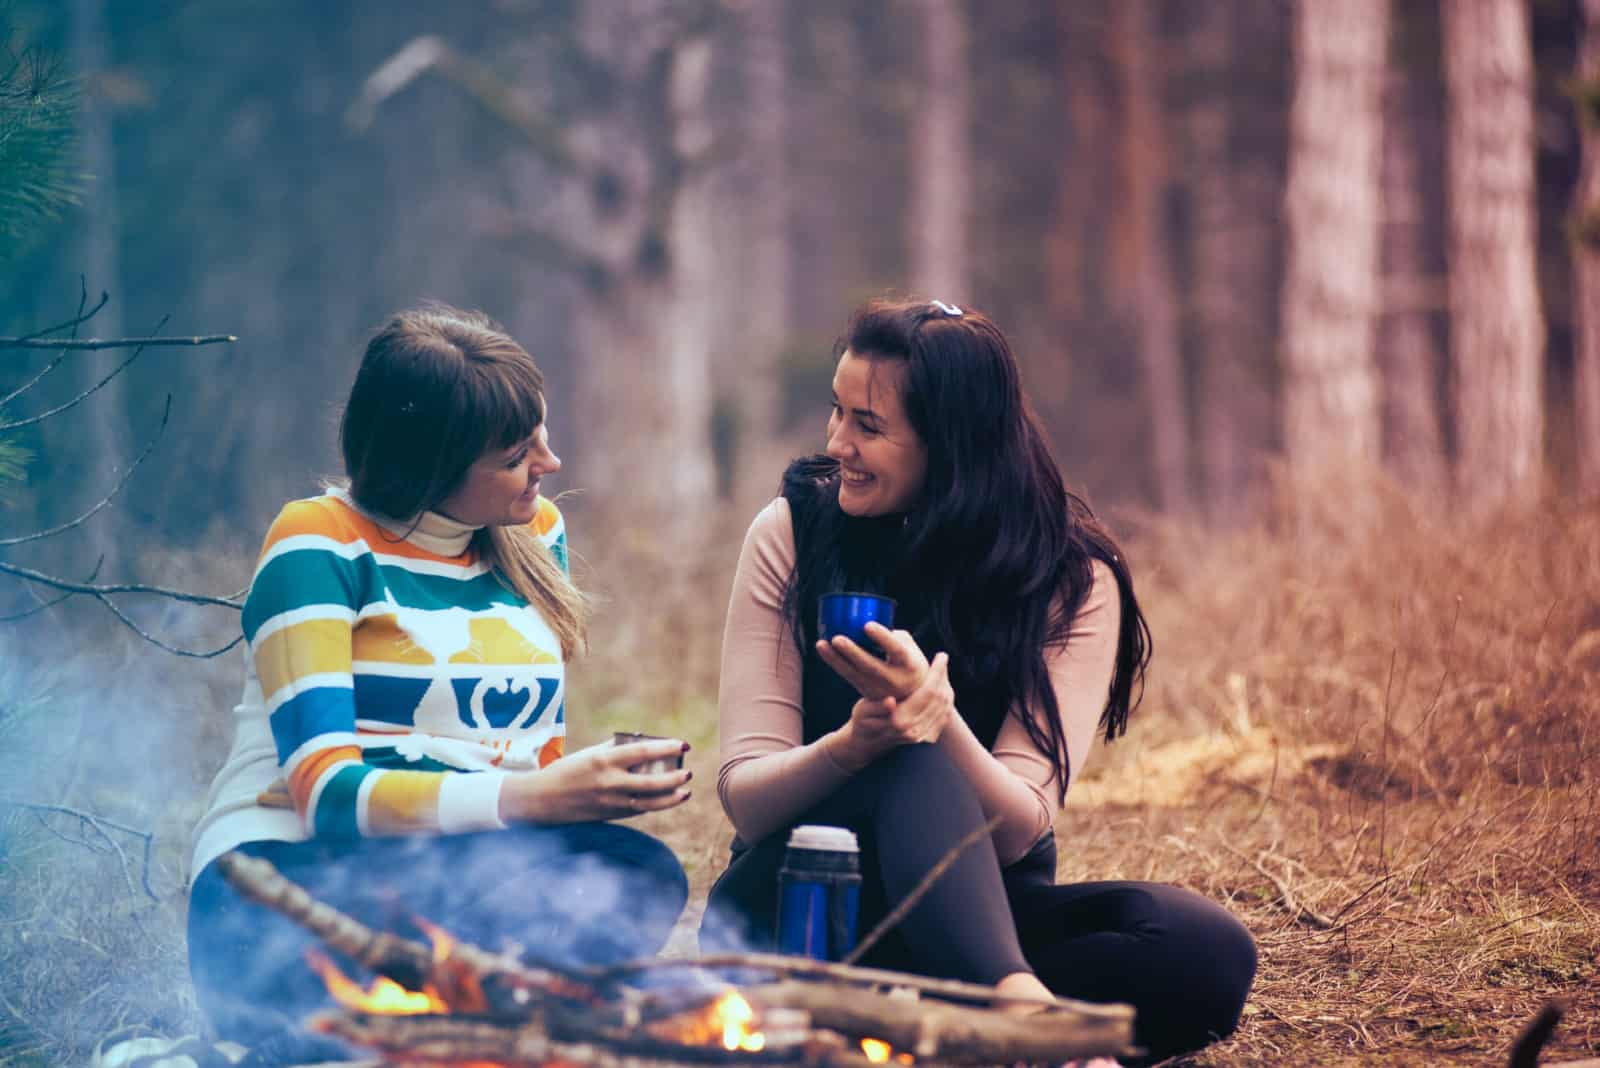 Deux femmes sourient assises près d'un feu de camp